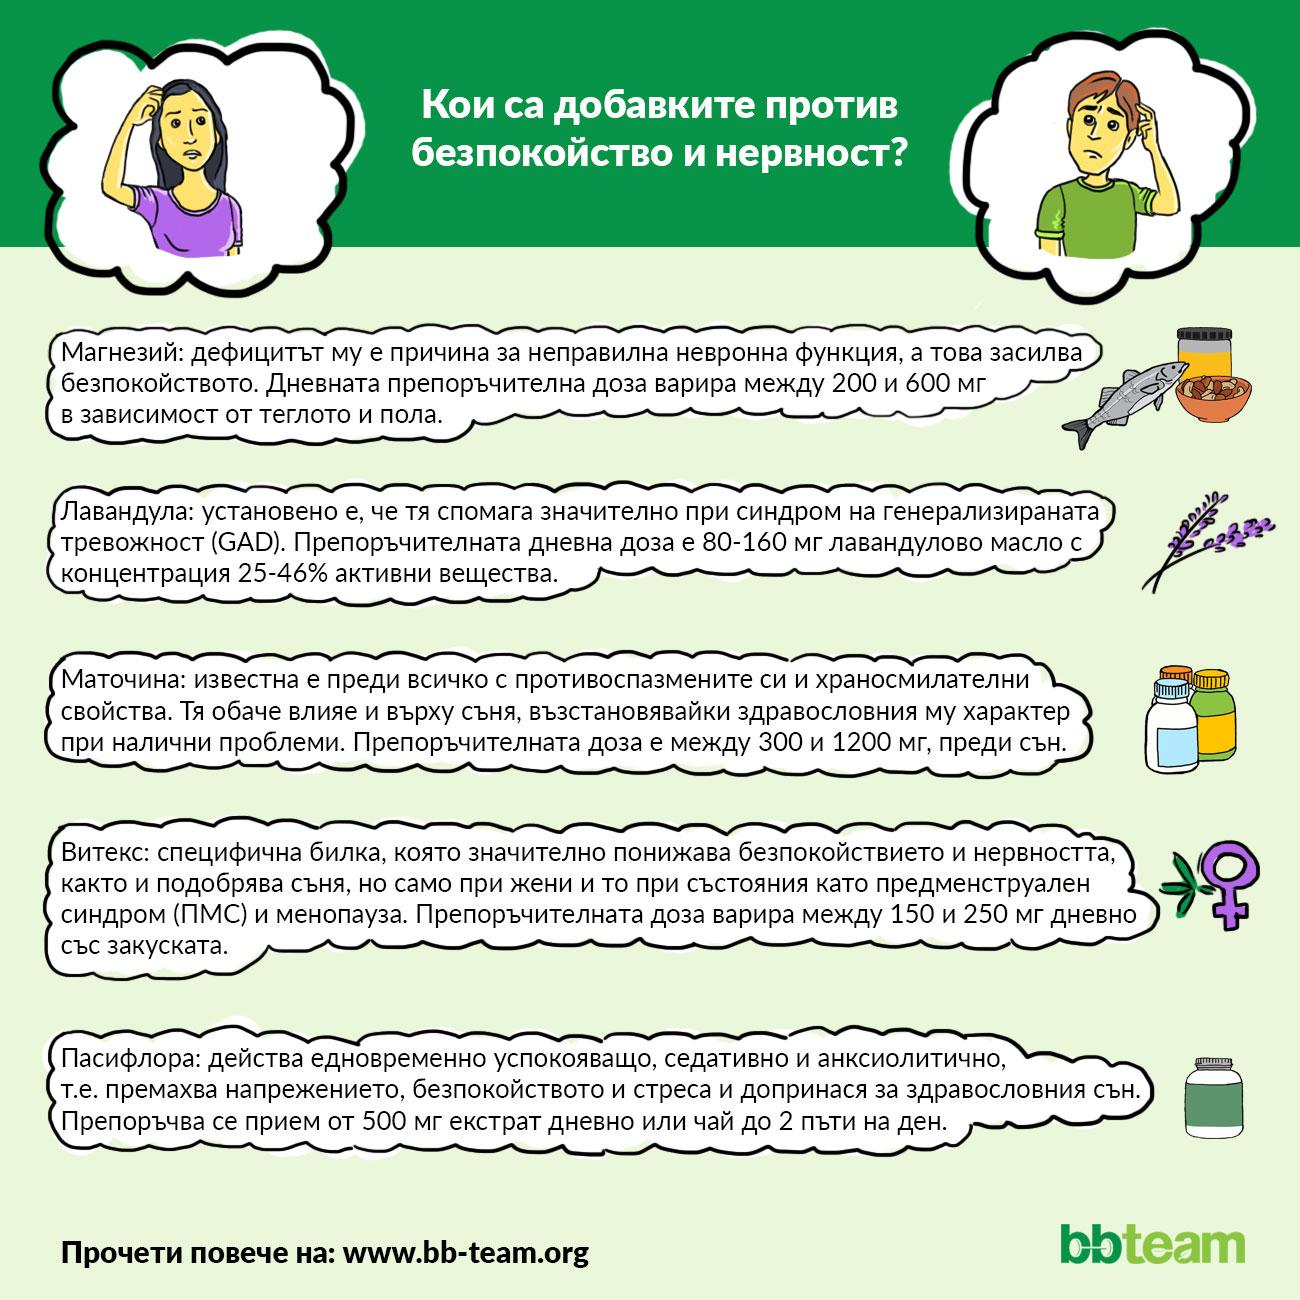 Кои са добавките против безпокойство и нервност? [инфографика]